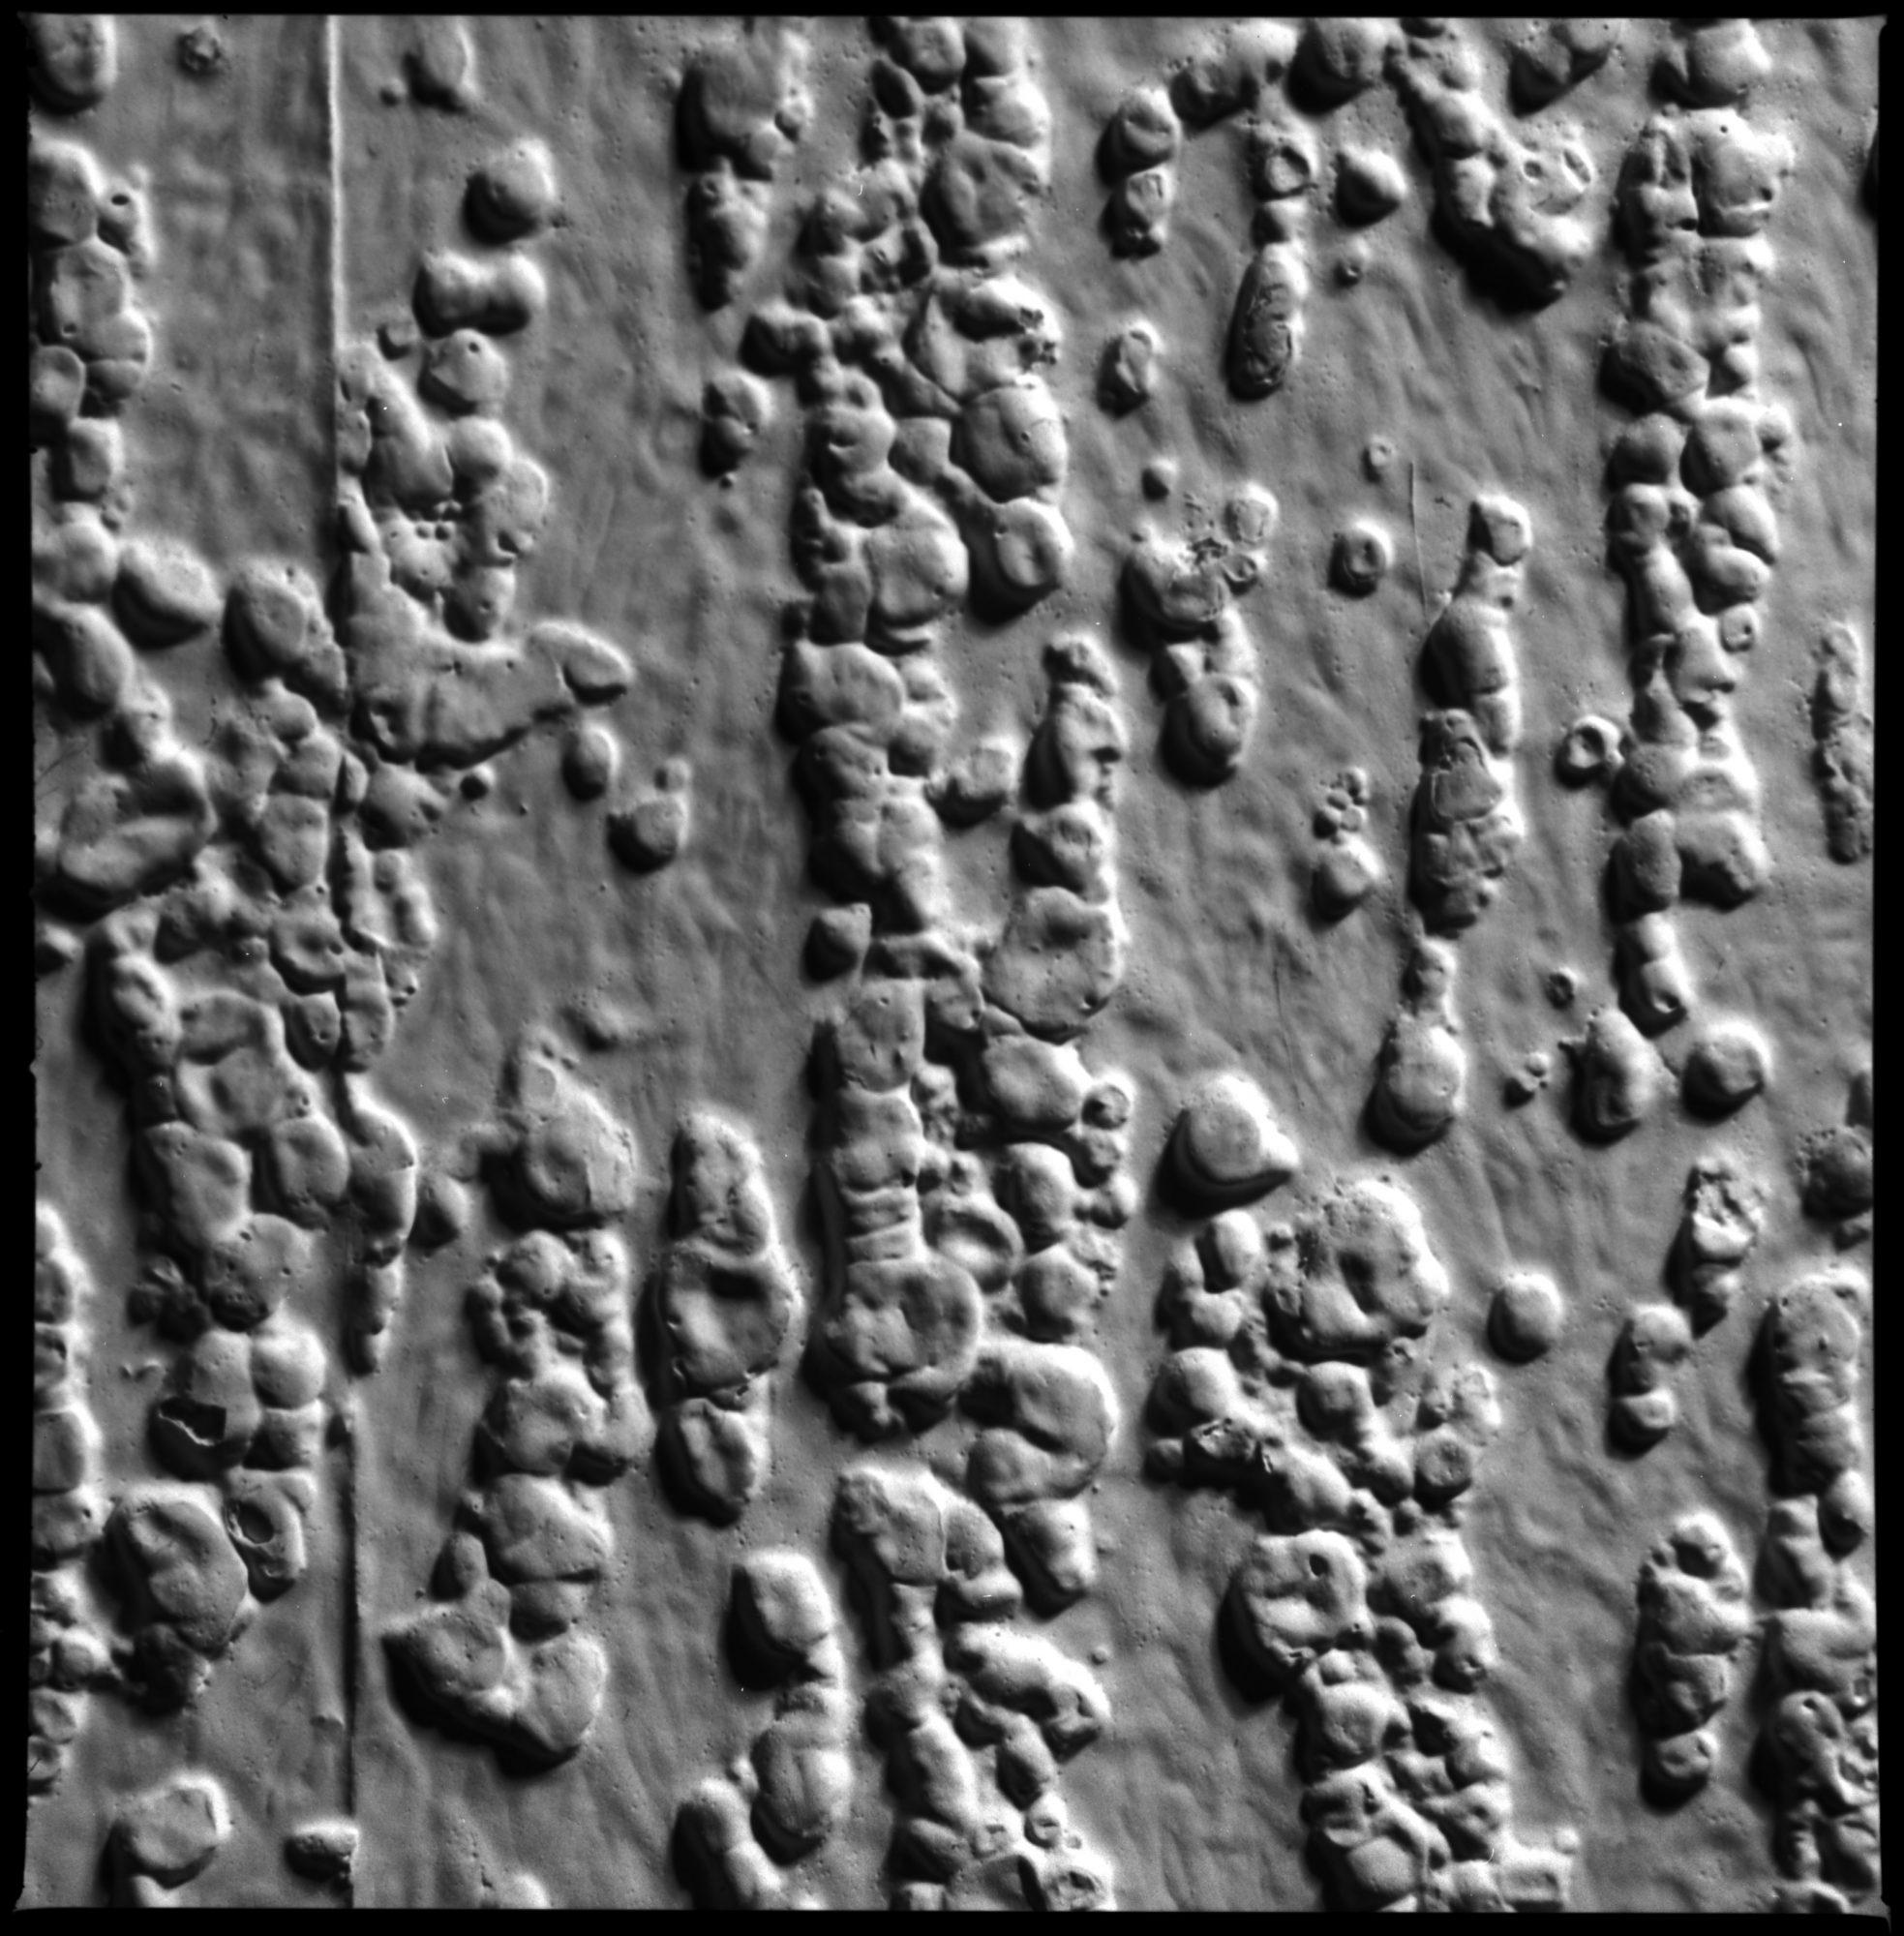 Raufasertapete / Ingrain Wallpaper